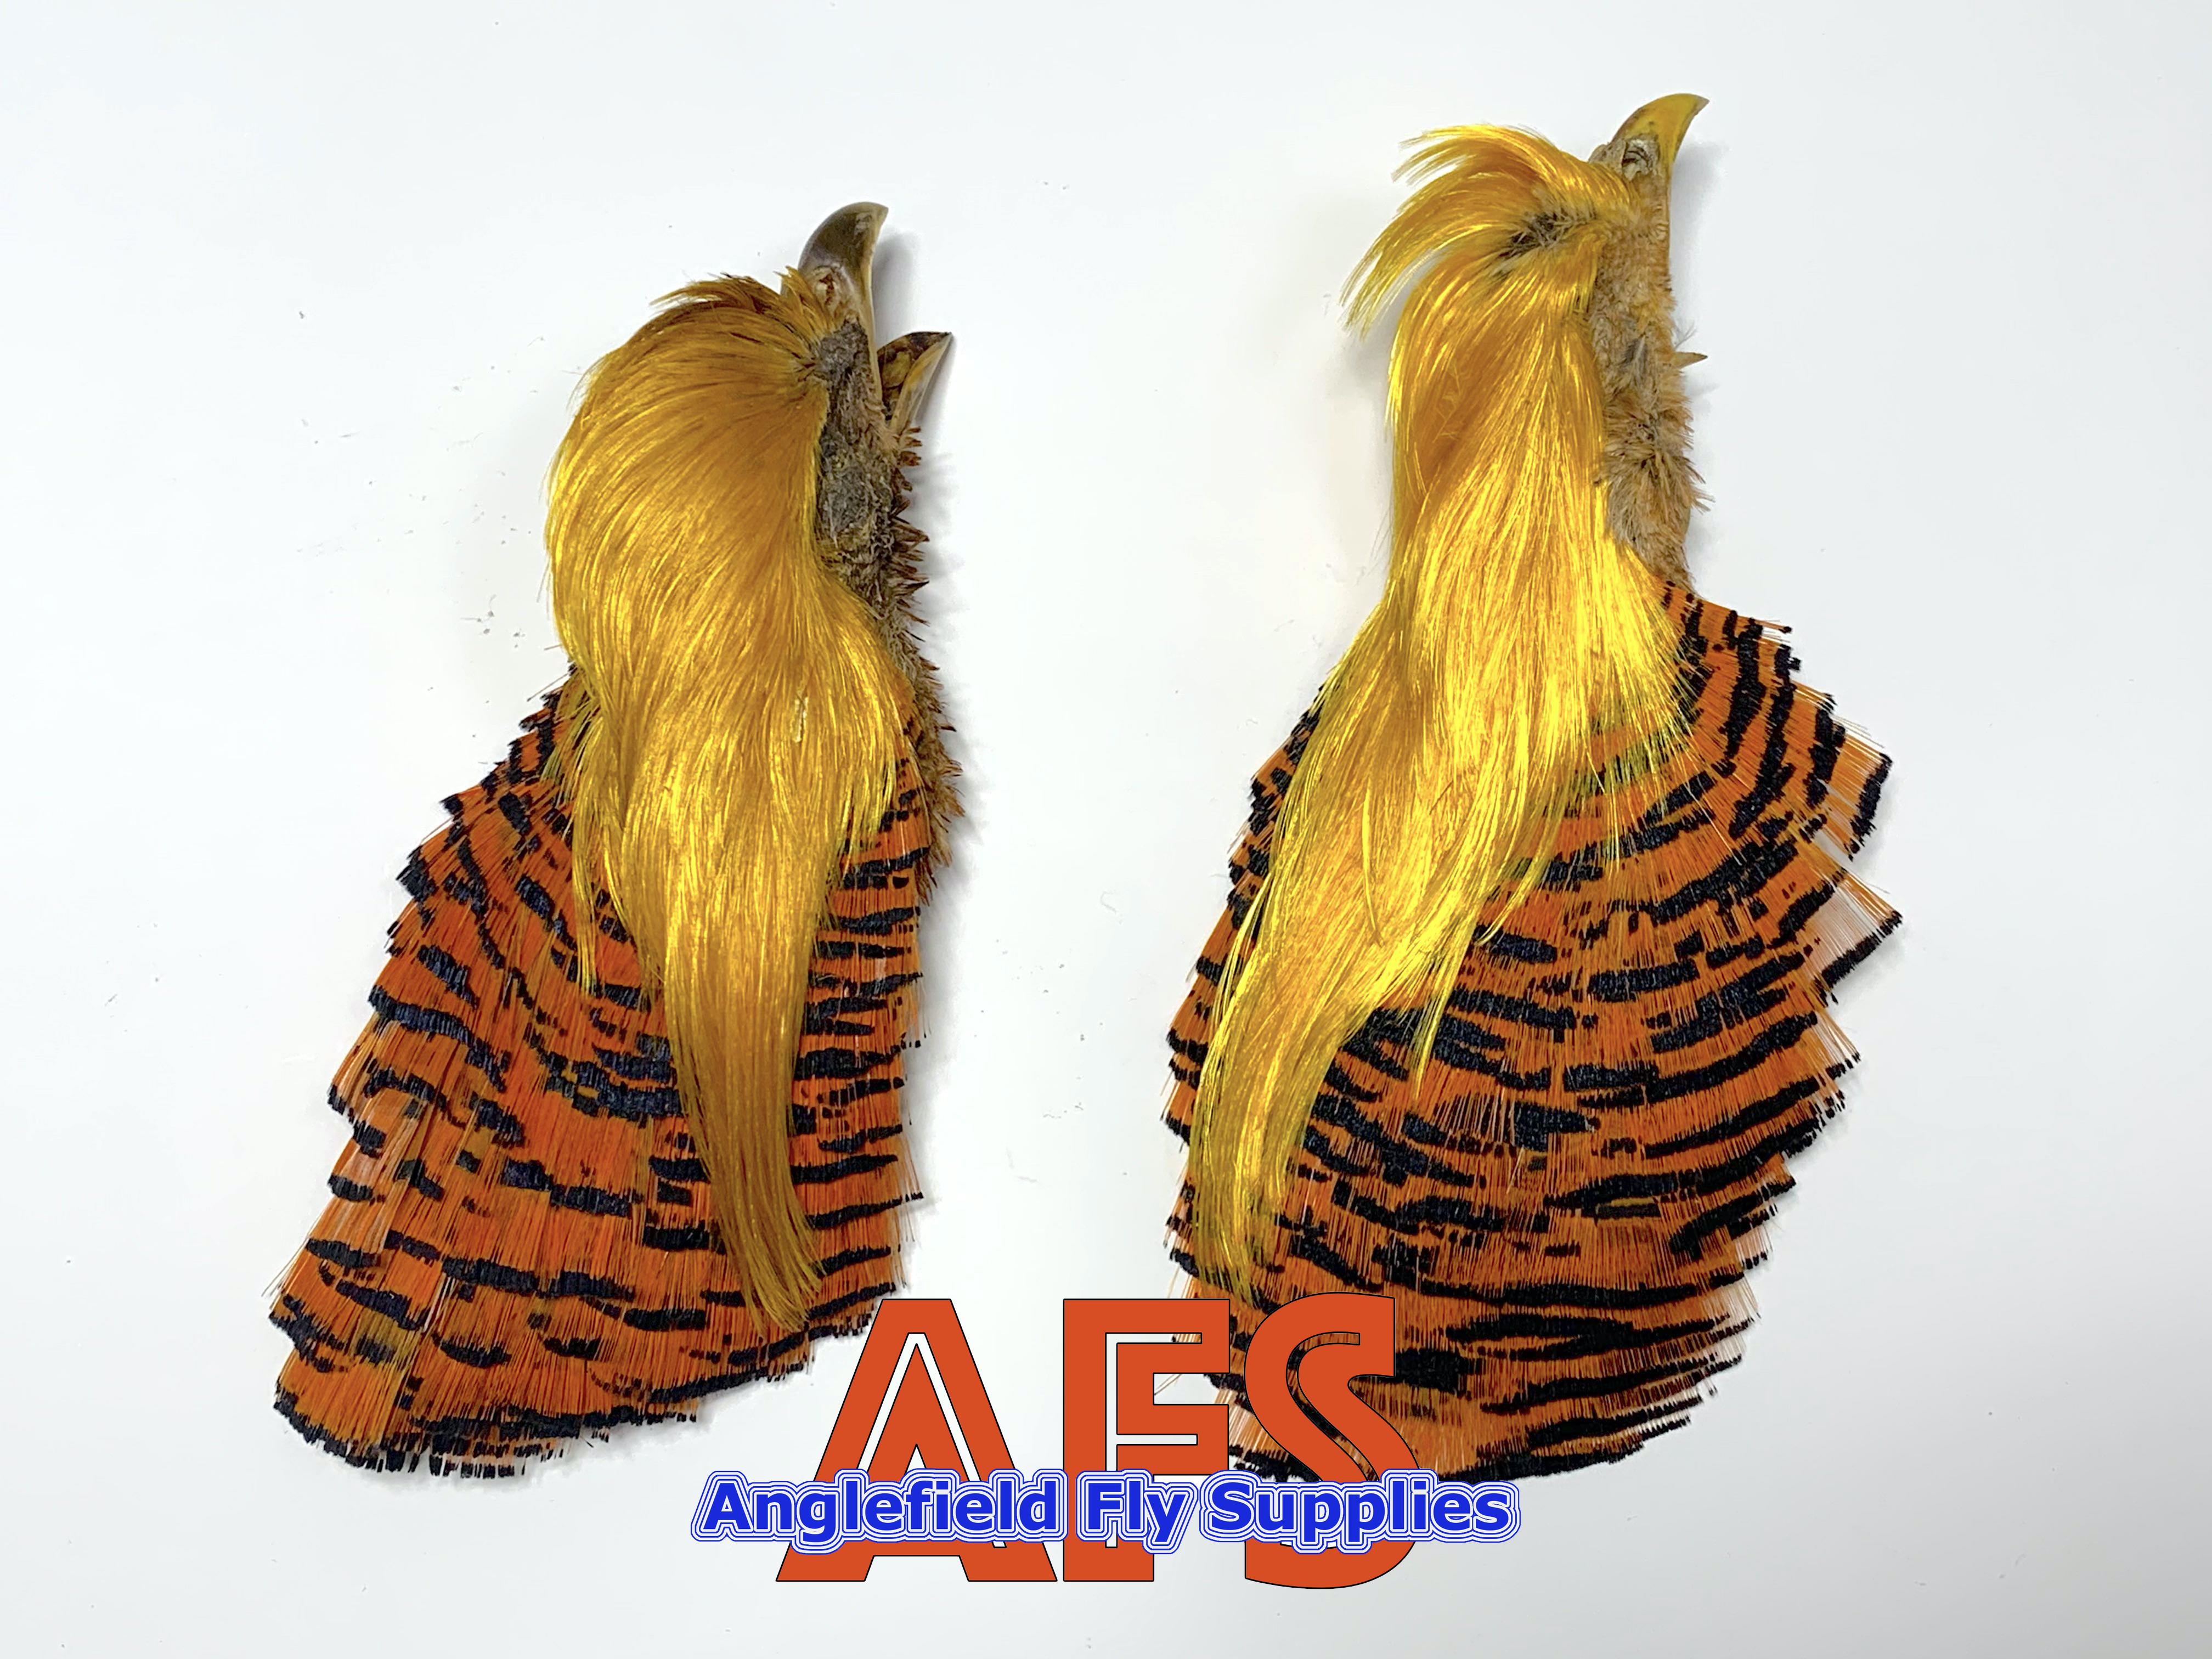 【 解禁目前セール品 】Golden Pheasant COMP Head / ゴールデンフェザントCOMPヘッド